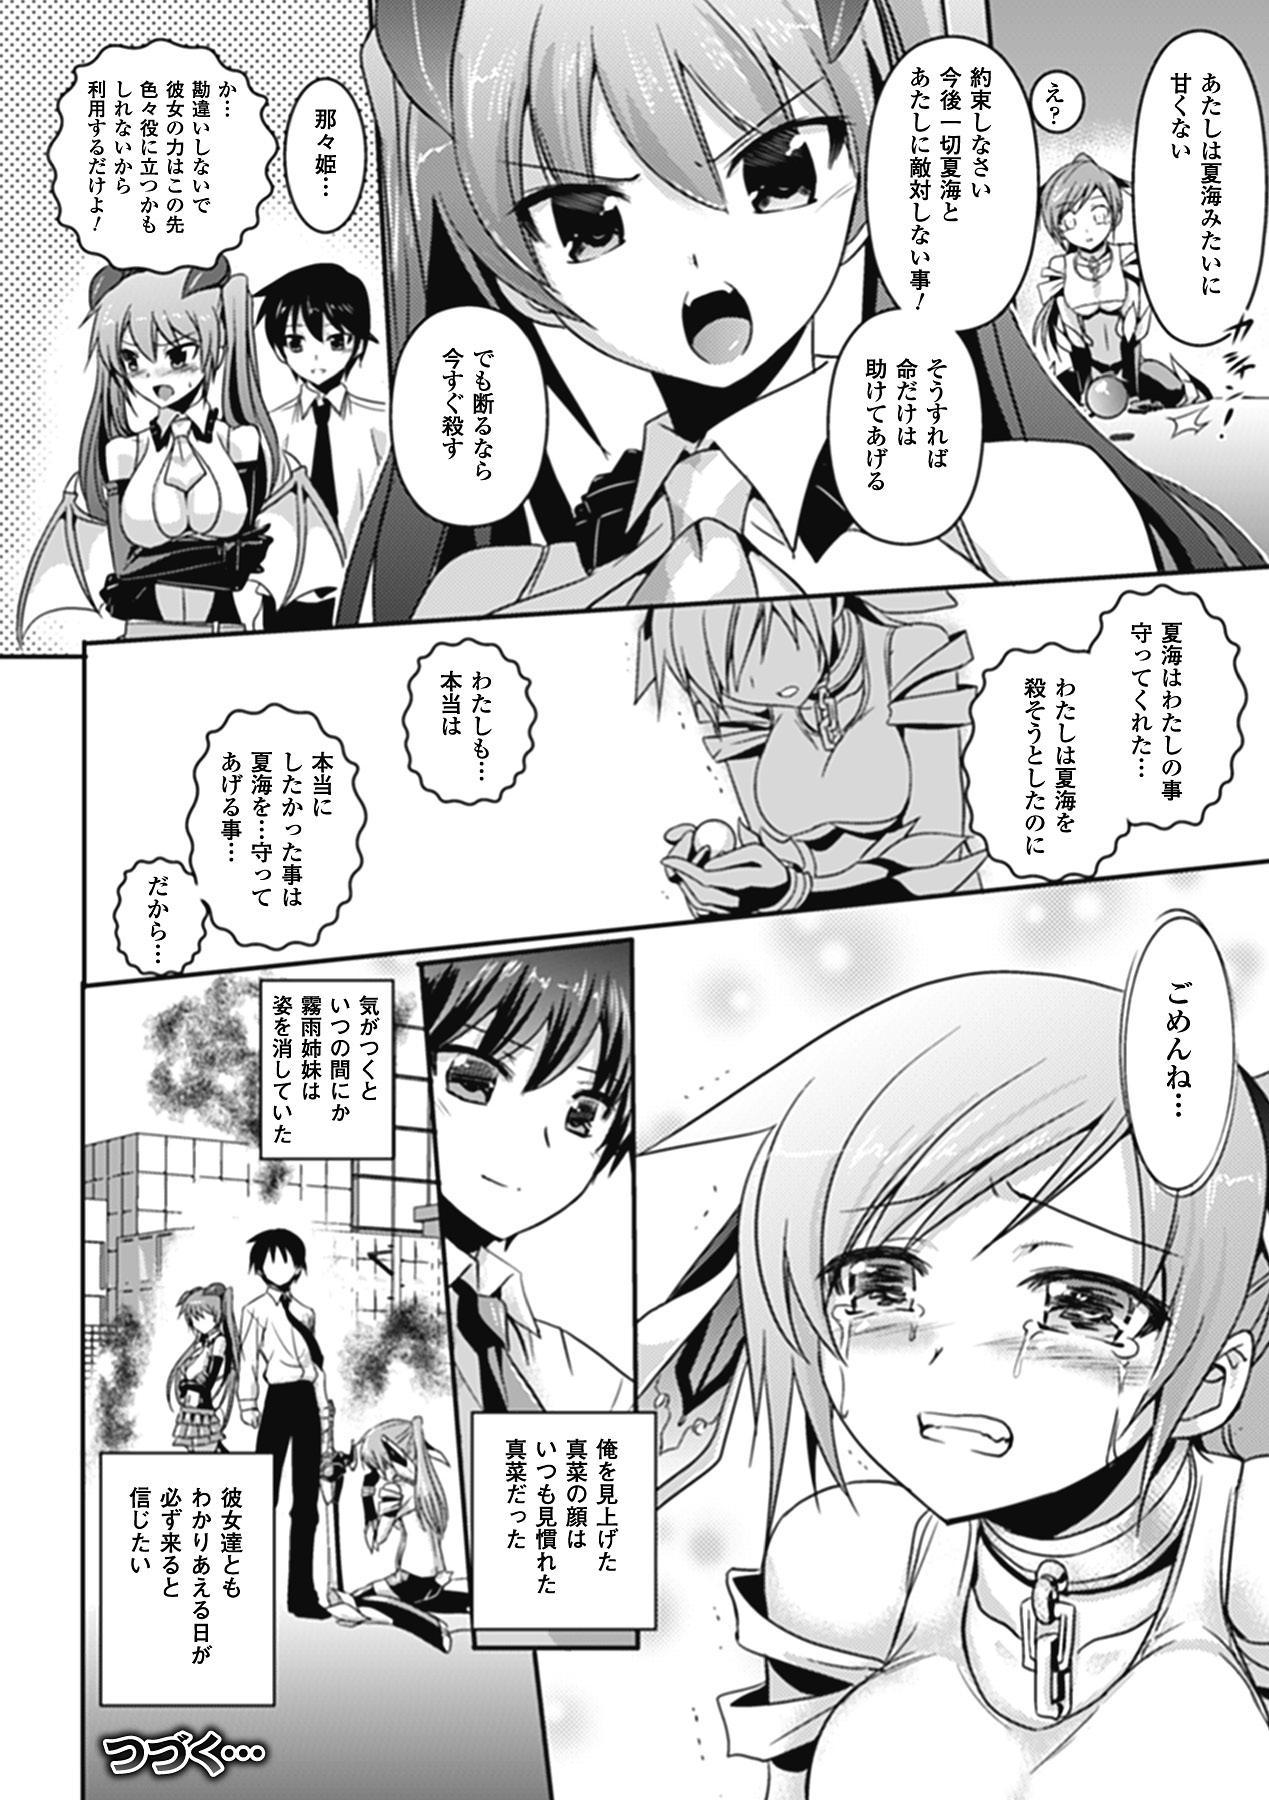 [Tokimaru Yoshihisa]Shakkou no Anti-Genesis Ch. 1-7 63